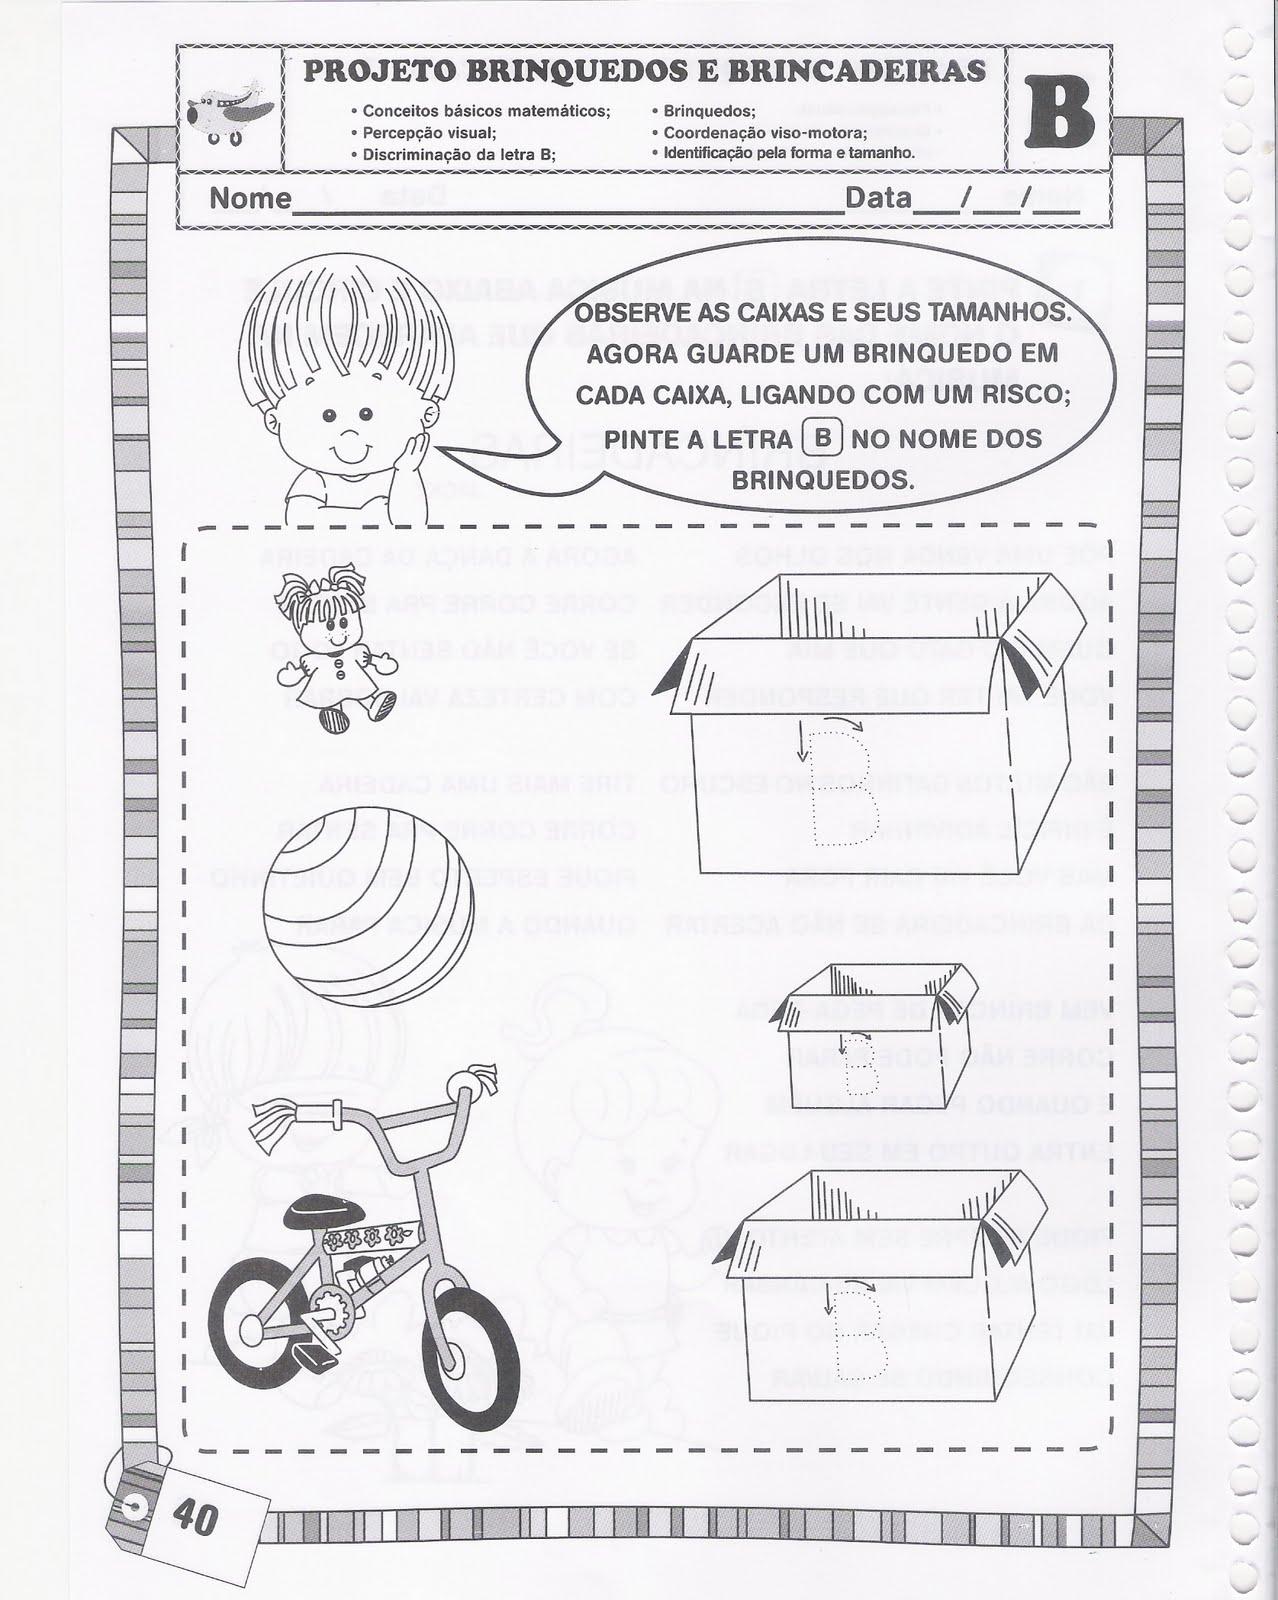 Fabuloso ♥Sugestão De Atividade Escolar♥: Projeto Brinquedos e Brincadeiras VB04